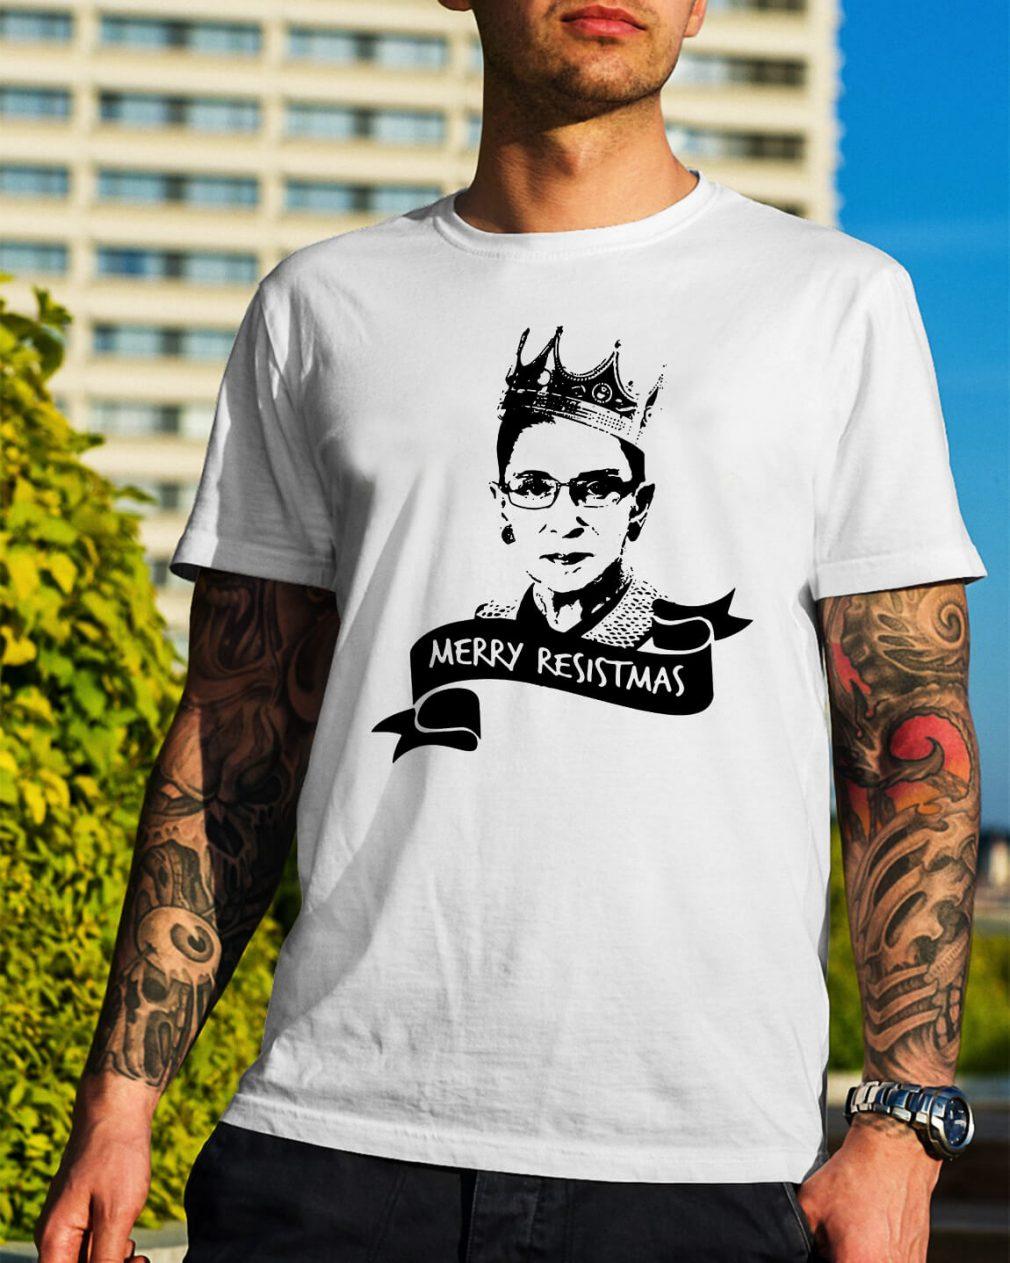 Ruth Bader Ginsburg Merry Resistmas shirt